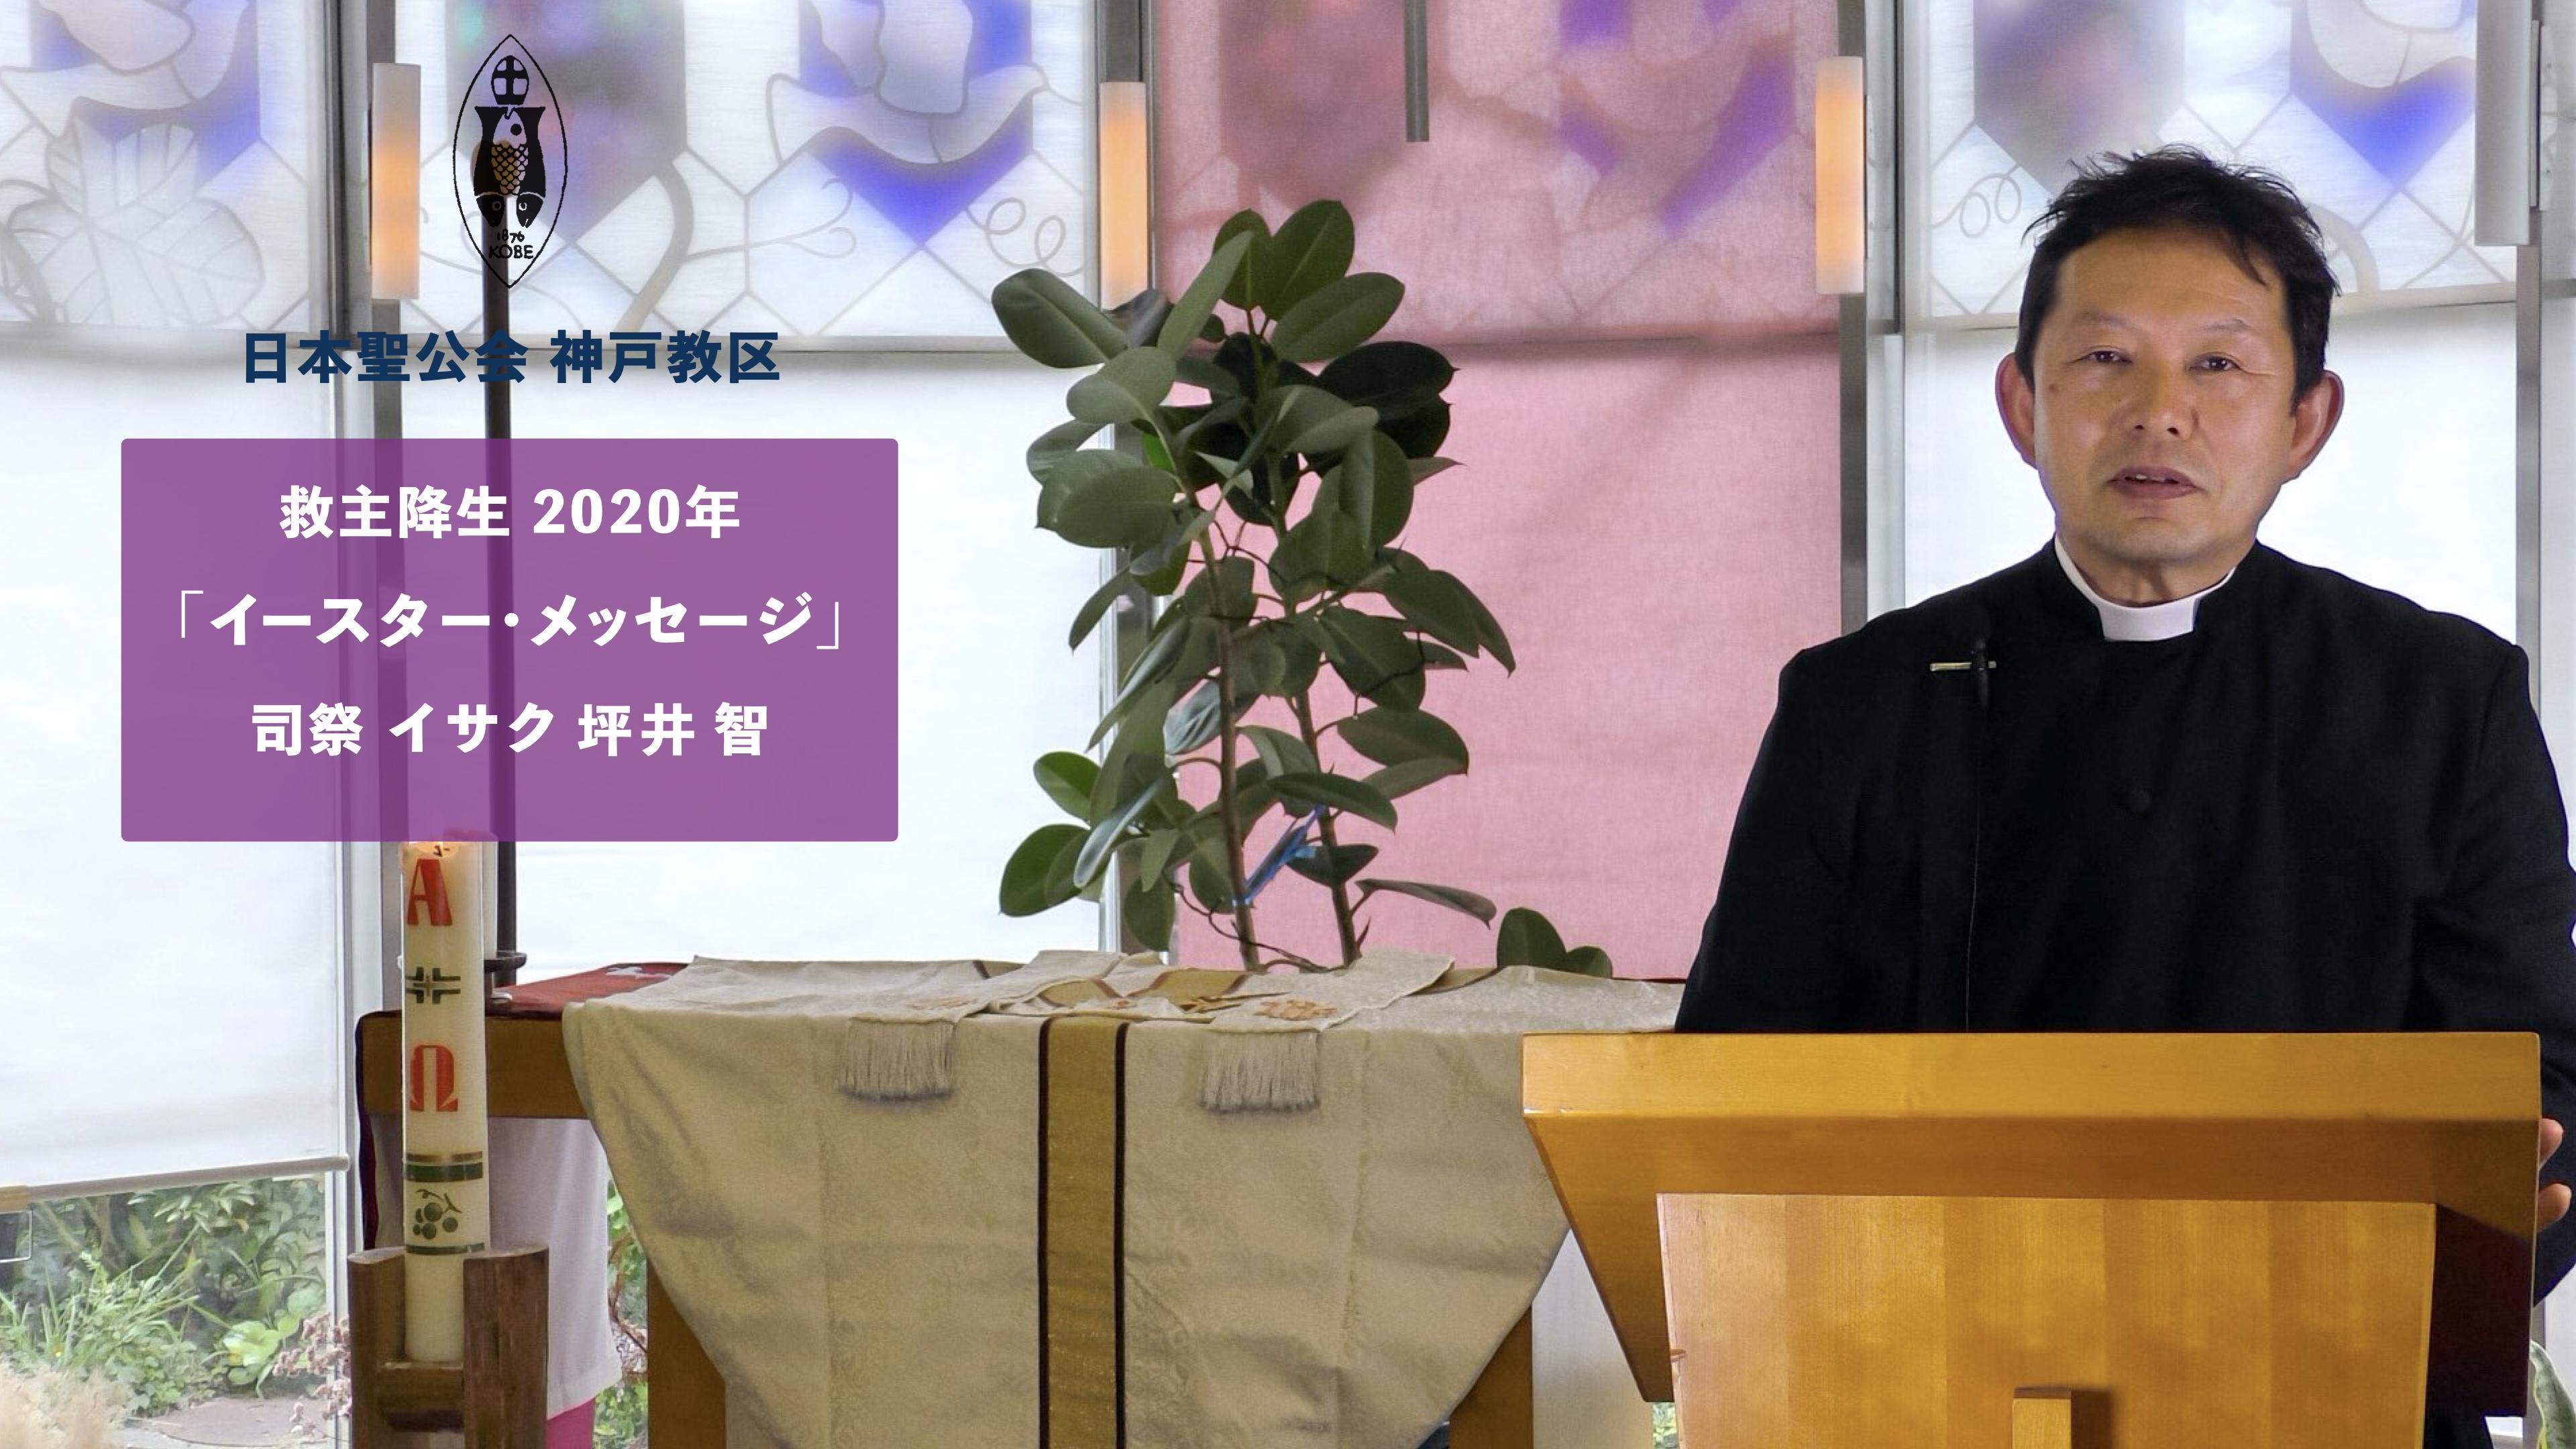 司祭 イサク 坪井 智